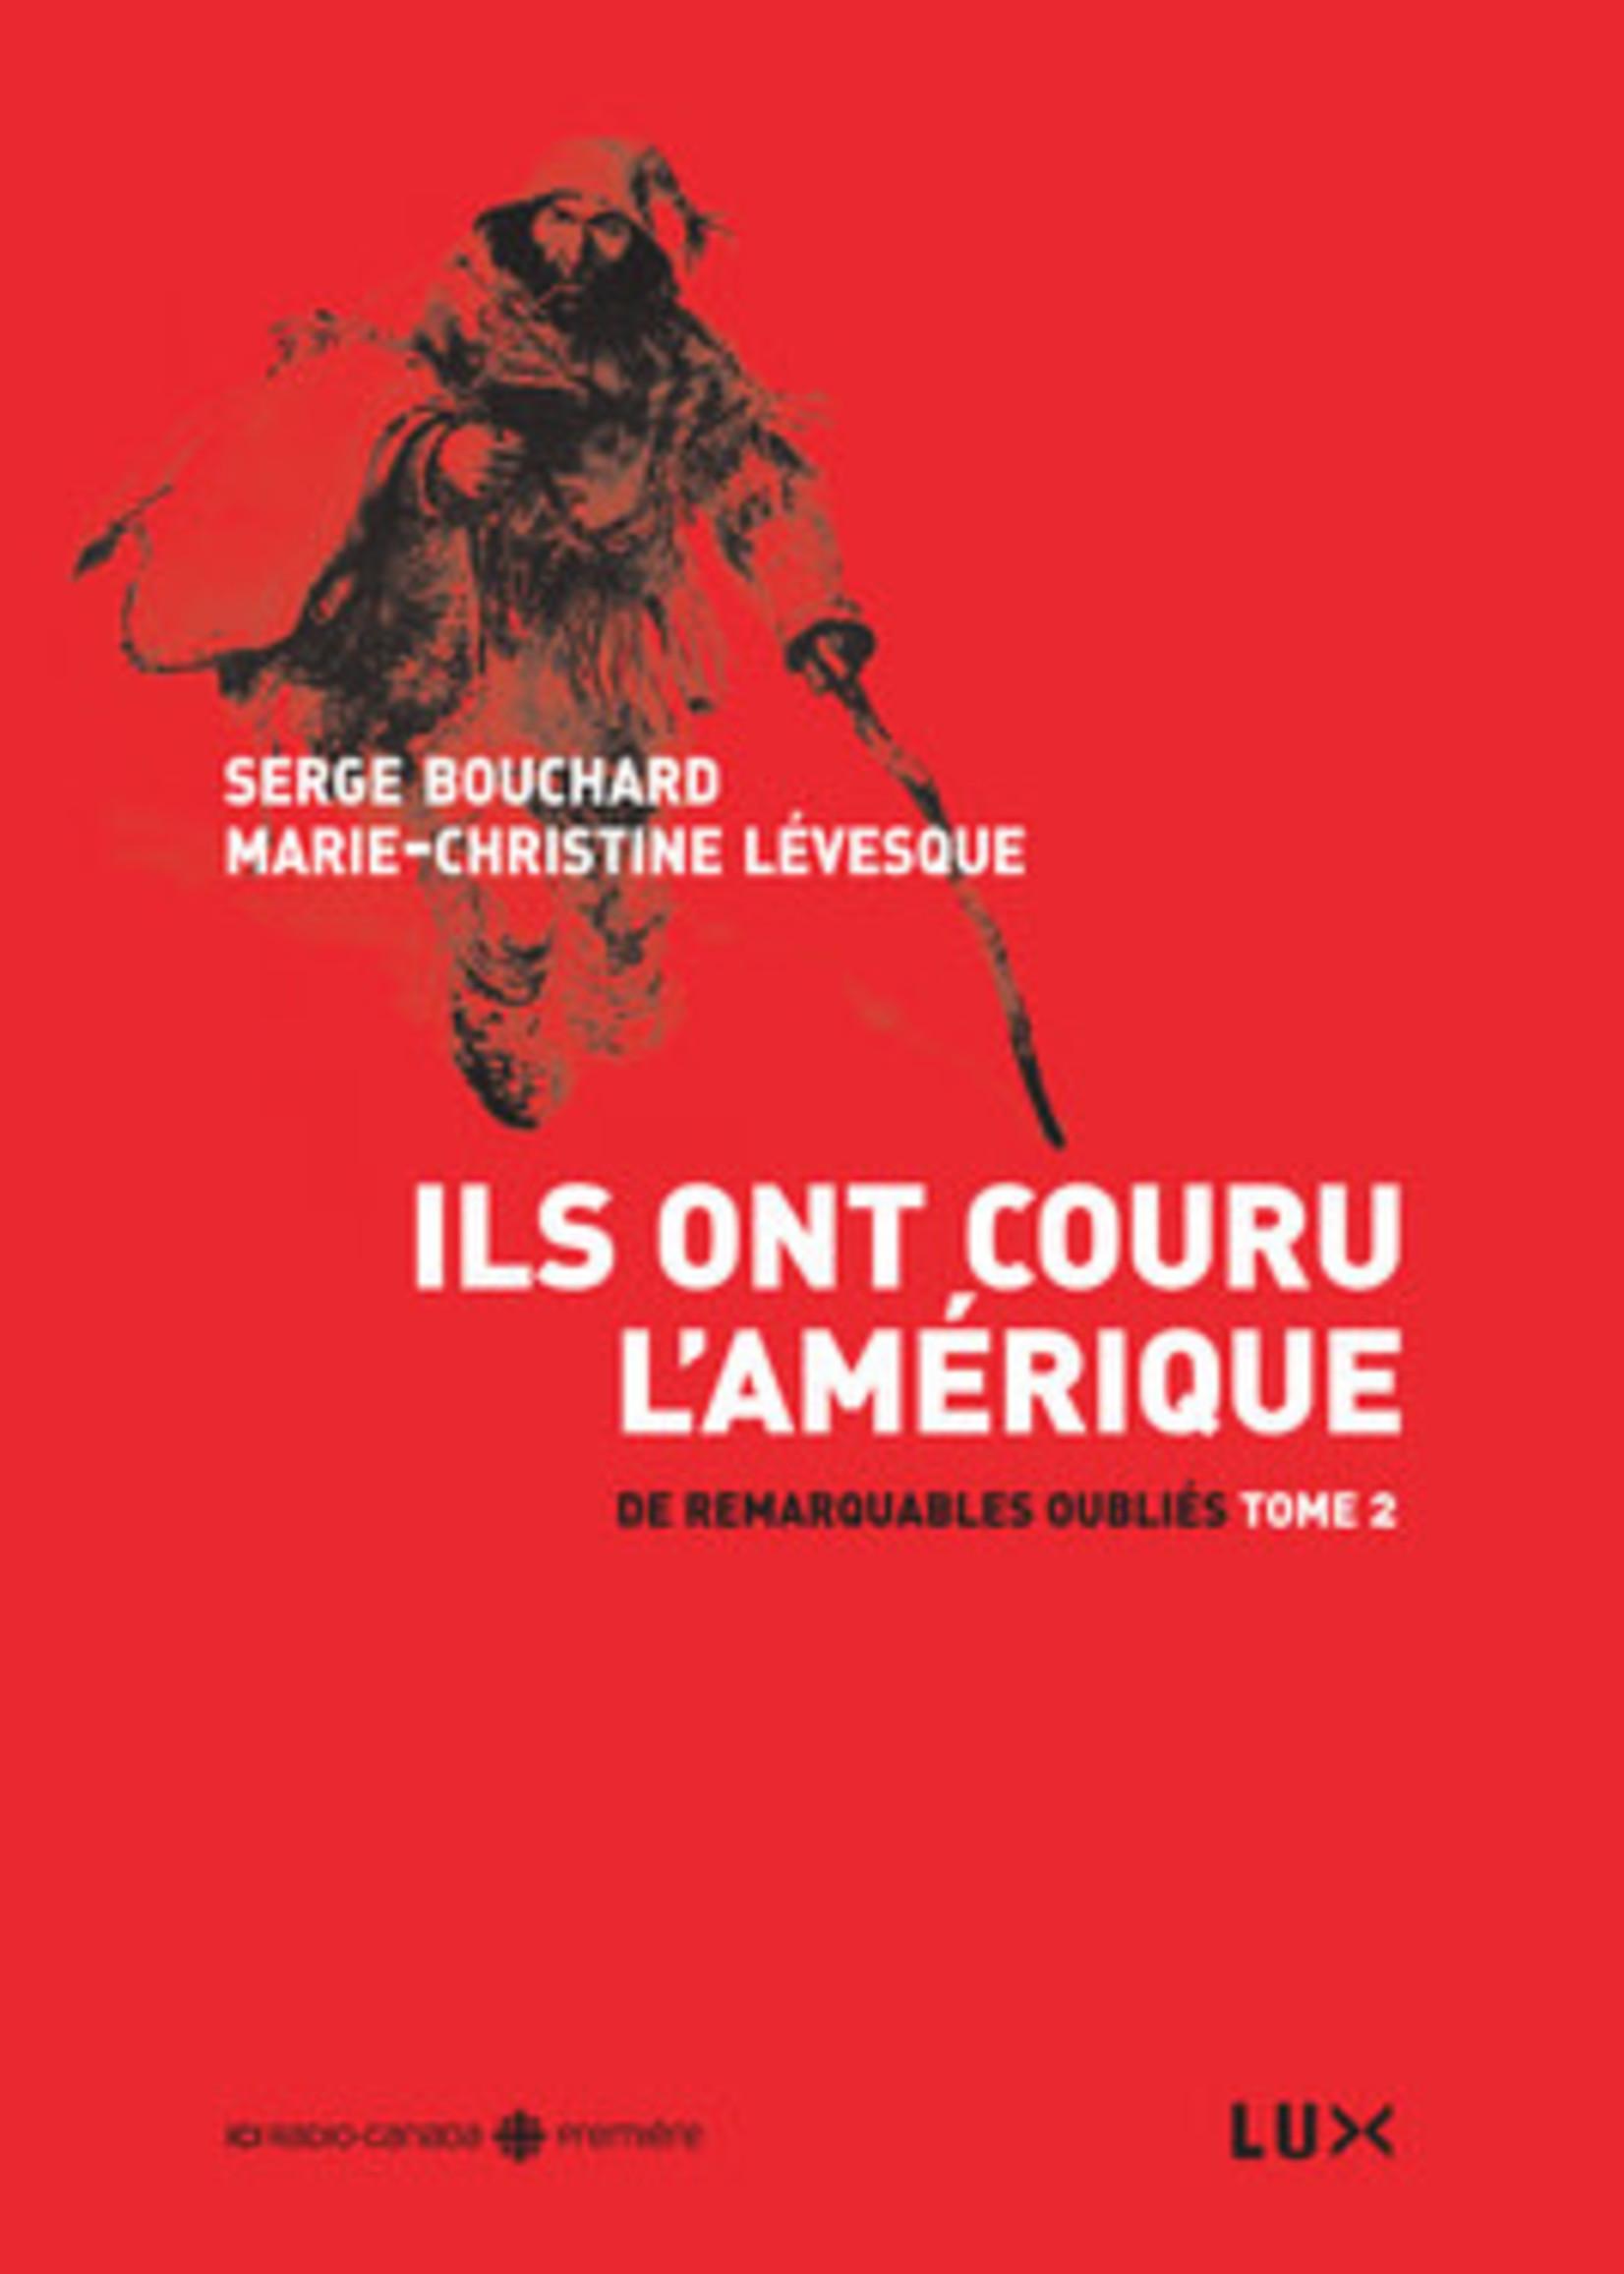 Ils ont couru l'Amérique by Serge Bouchard, Marie-Christine Lévesque